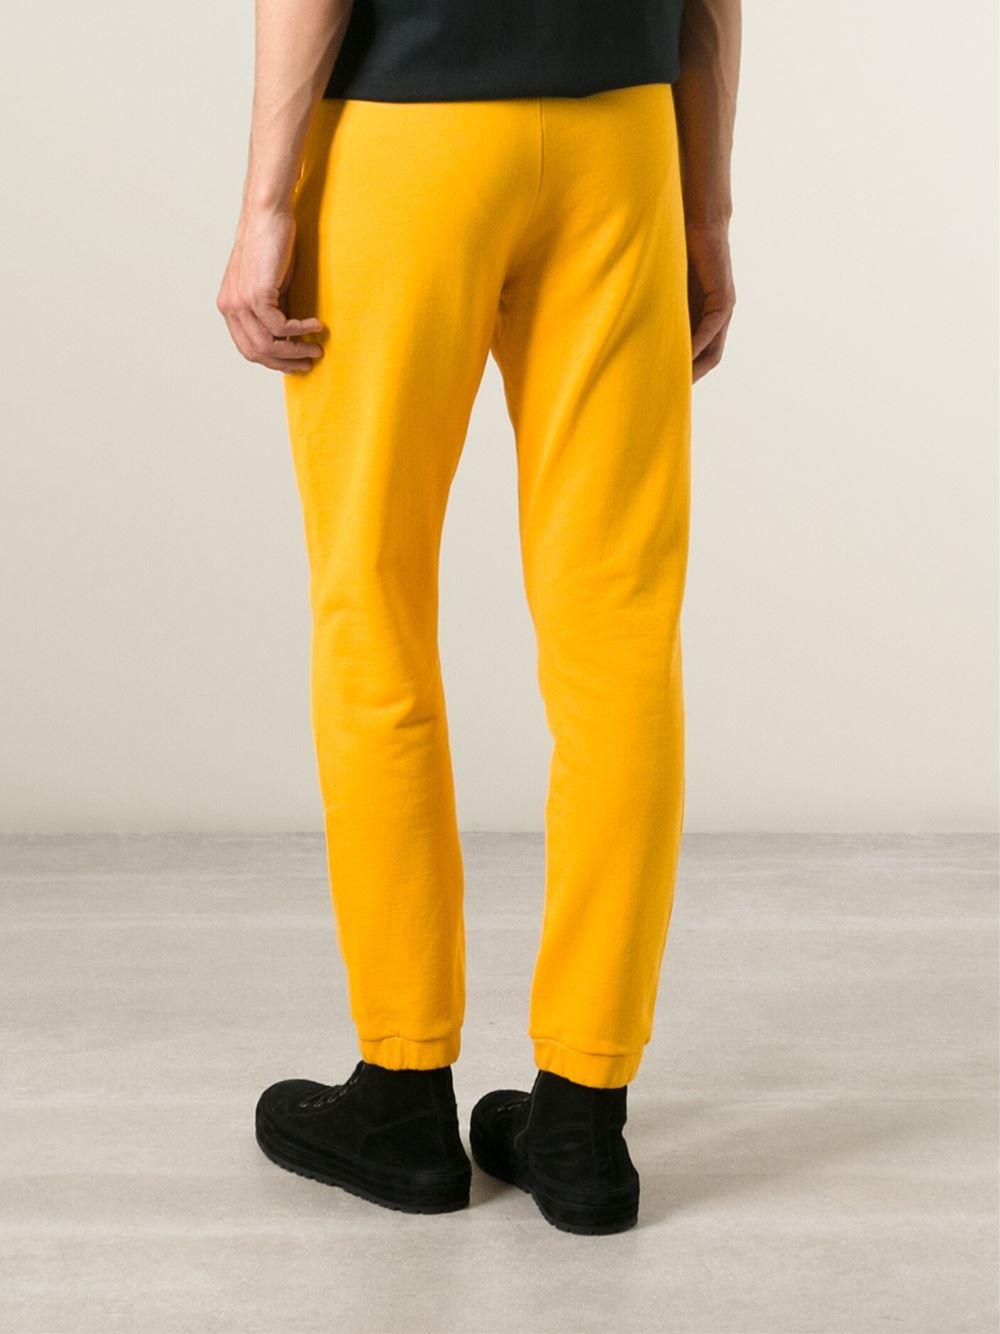 White Jean Shorts For Men